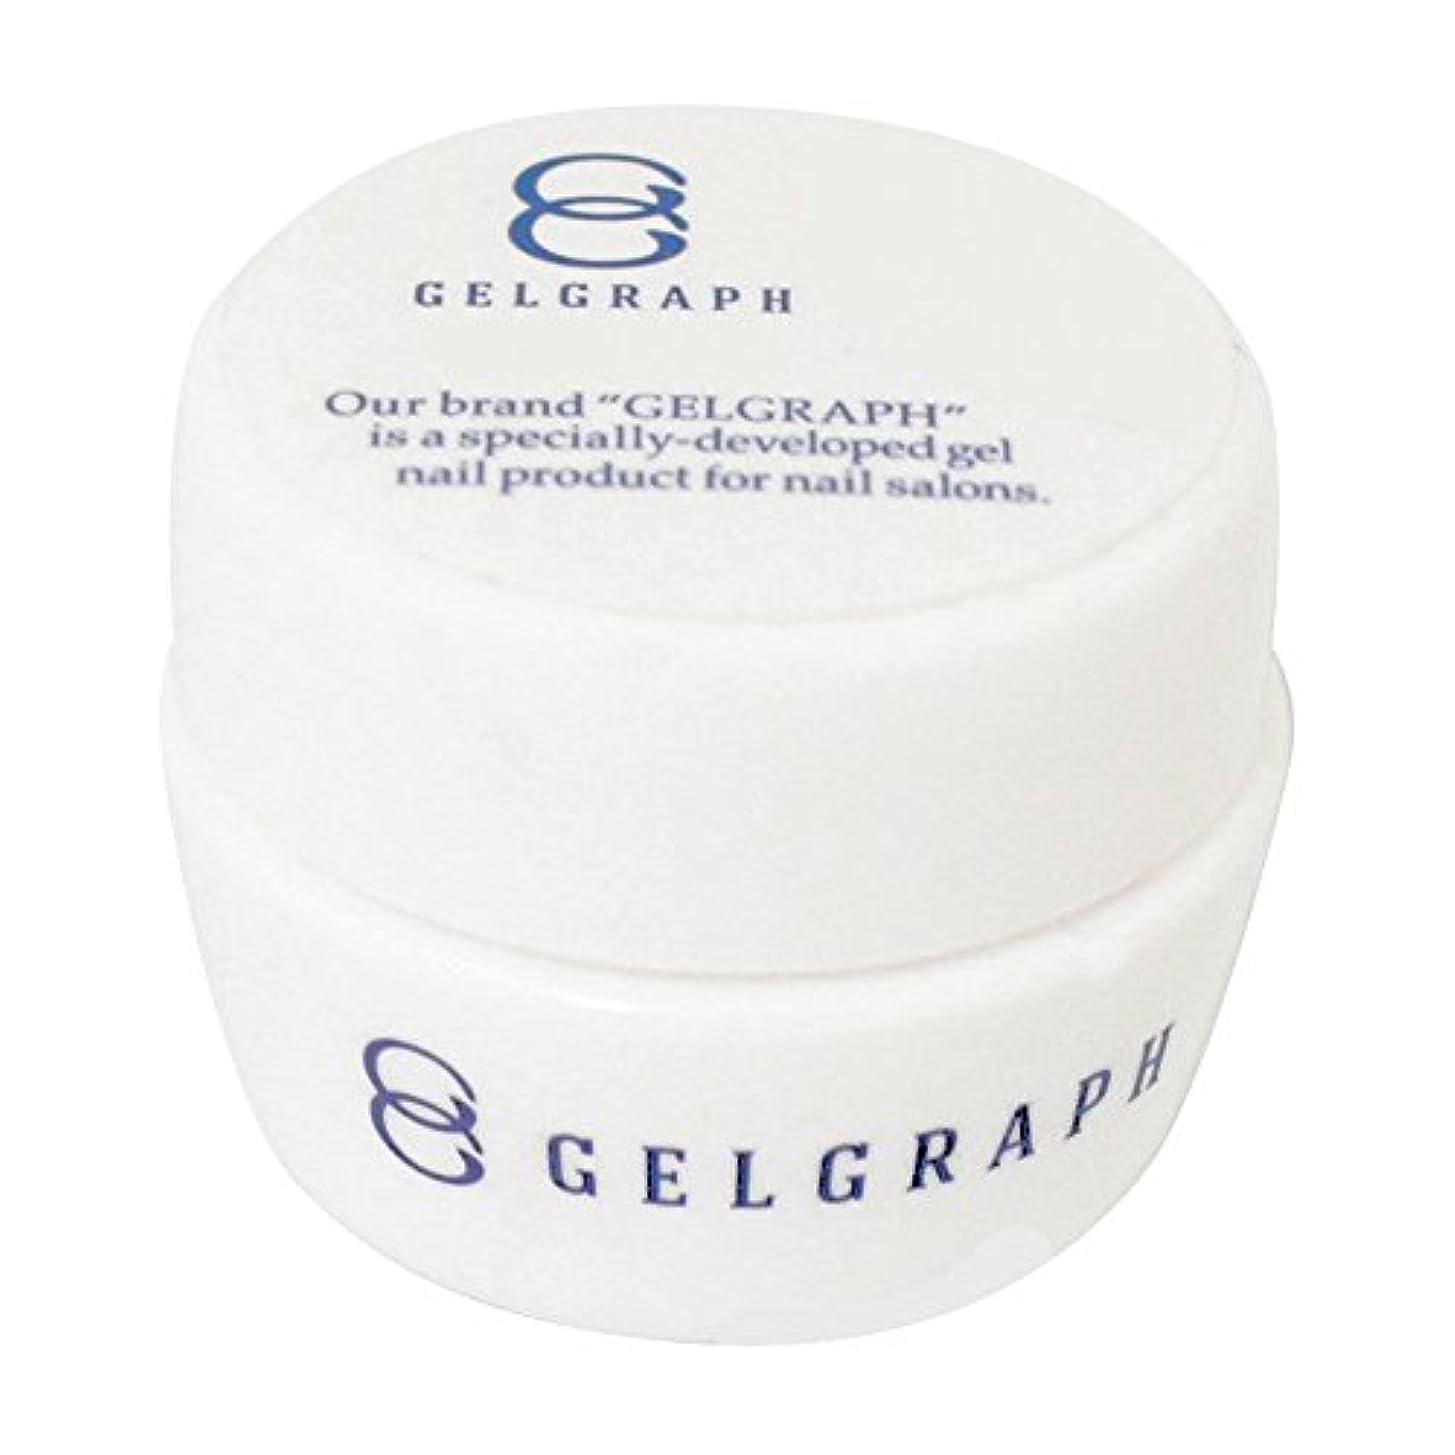 ヘルパースキッパー関係GELGRAPH カラージェル 029M イエローバード 5g UV/LED対応 ソークオフジェル